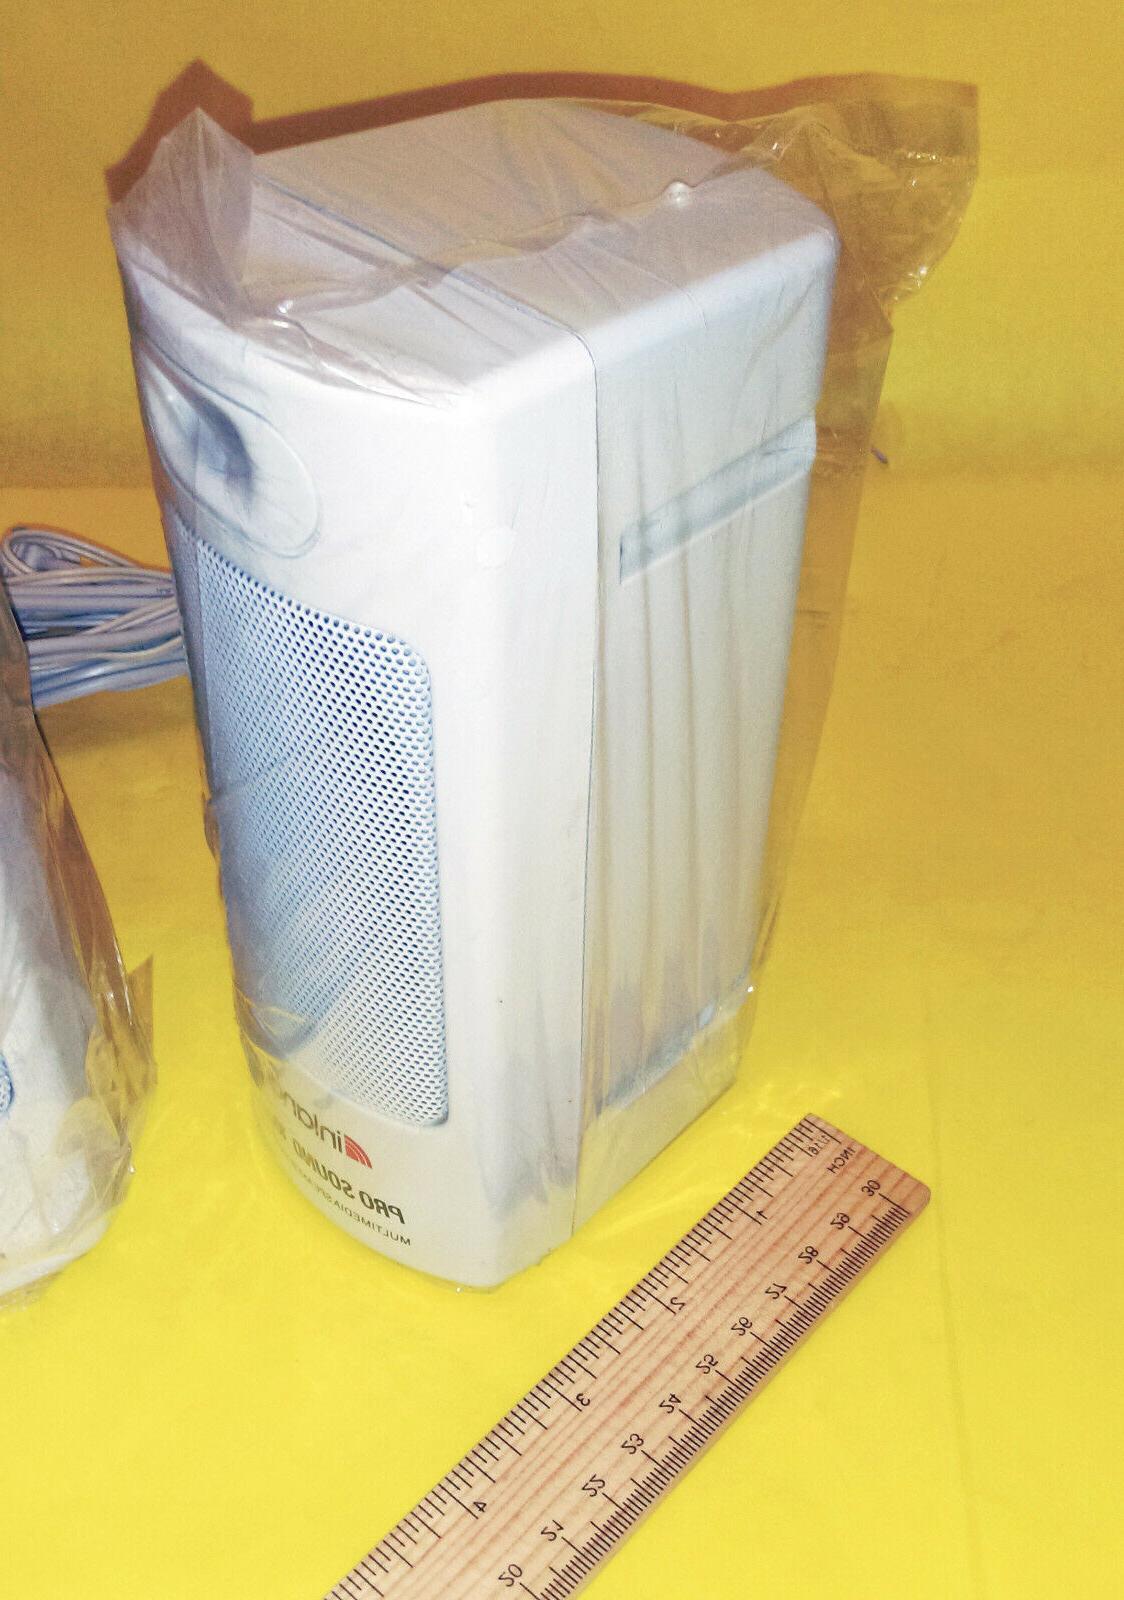 1000 AMP PC, Speakers